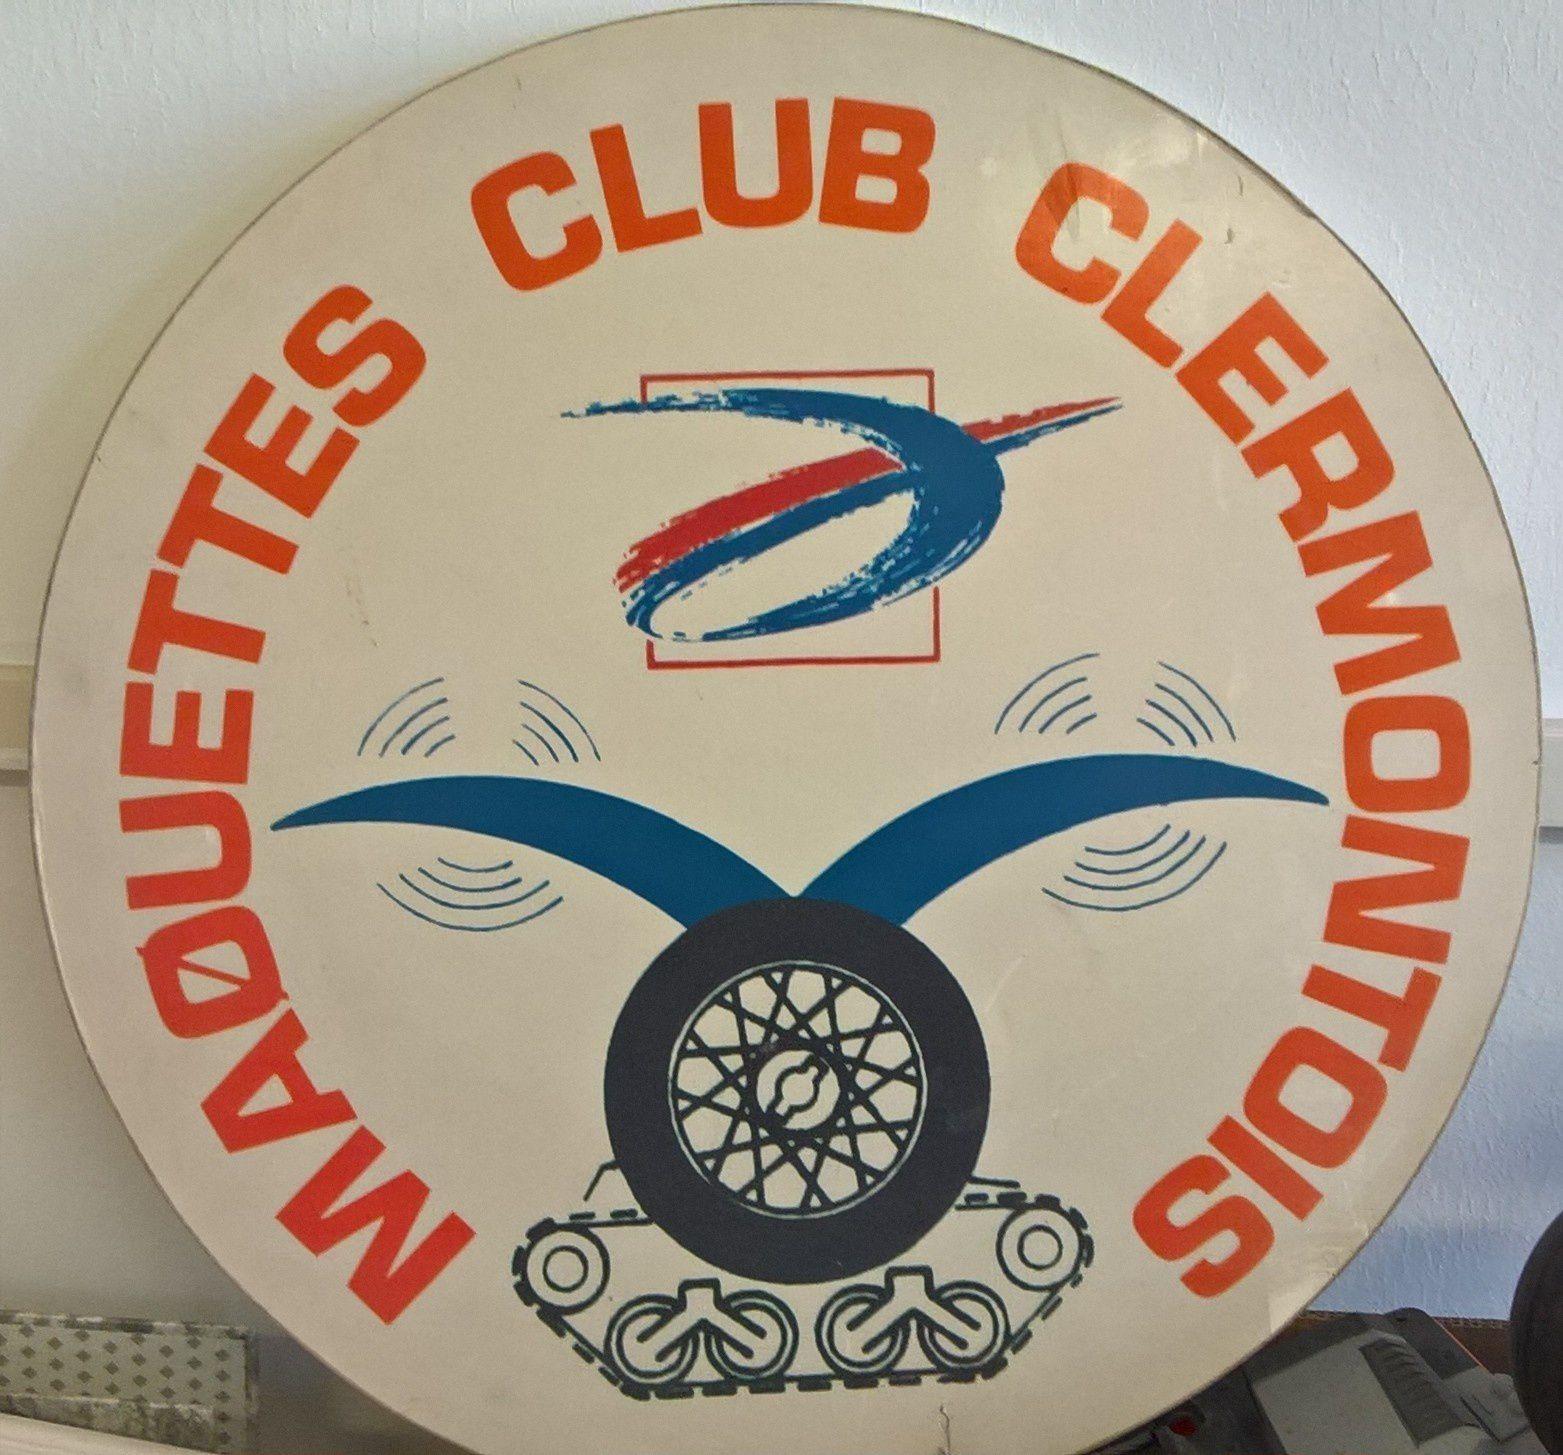 14 Novembre 1978 --------- 14 Novembre 2018 Aujourd'hui, le Maquettes Club Clermontois à 40 ans ! Eh oui 40 ans déjà ! Il y a 40 ans des passionnés de maquettes ont donnés officiellement le jour au MCC Maquettes Club Clermontois. 40 ans avec des hauts et des bas comme beaucoup de club, je ne compte plus les fois où l'ont nous à dit moribond ! Et pourtant toujours là ! Discret certes mais là :-)   Je voudrais remercié aujourd'hui les gens qui ont créés le club dont je suis membre depuis 25 ans ( déjà ), à la Mairie de Clermont Fd qui depuis toutes ces années nous toujours accordés leurs confiance, à tout les membres qui aux cours de ces 40 ans ont fait et écrit l'histoire du Club. Et surtout aux membres qui sont encore là aujourd'hui et pour de nombreuses années je l'espère. Jean-Marc, Val, Joseph, Claude, Hervé, et Mickaël                 Bon Anniversaire à vous les Amis